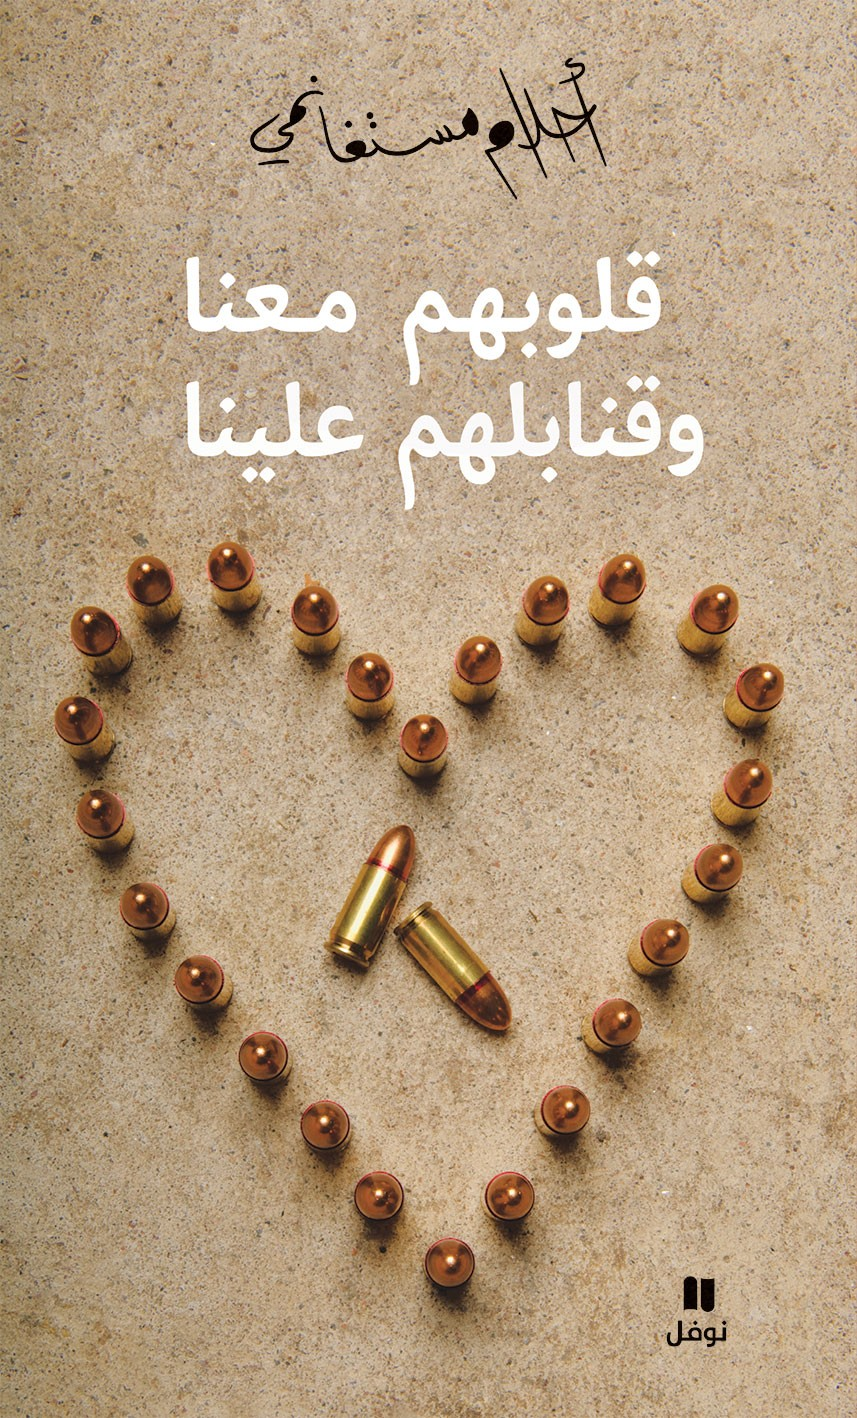 قلوبهم معنا وقنابلهم علينا